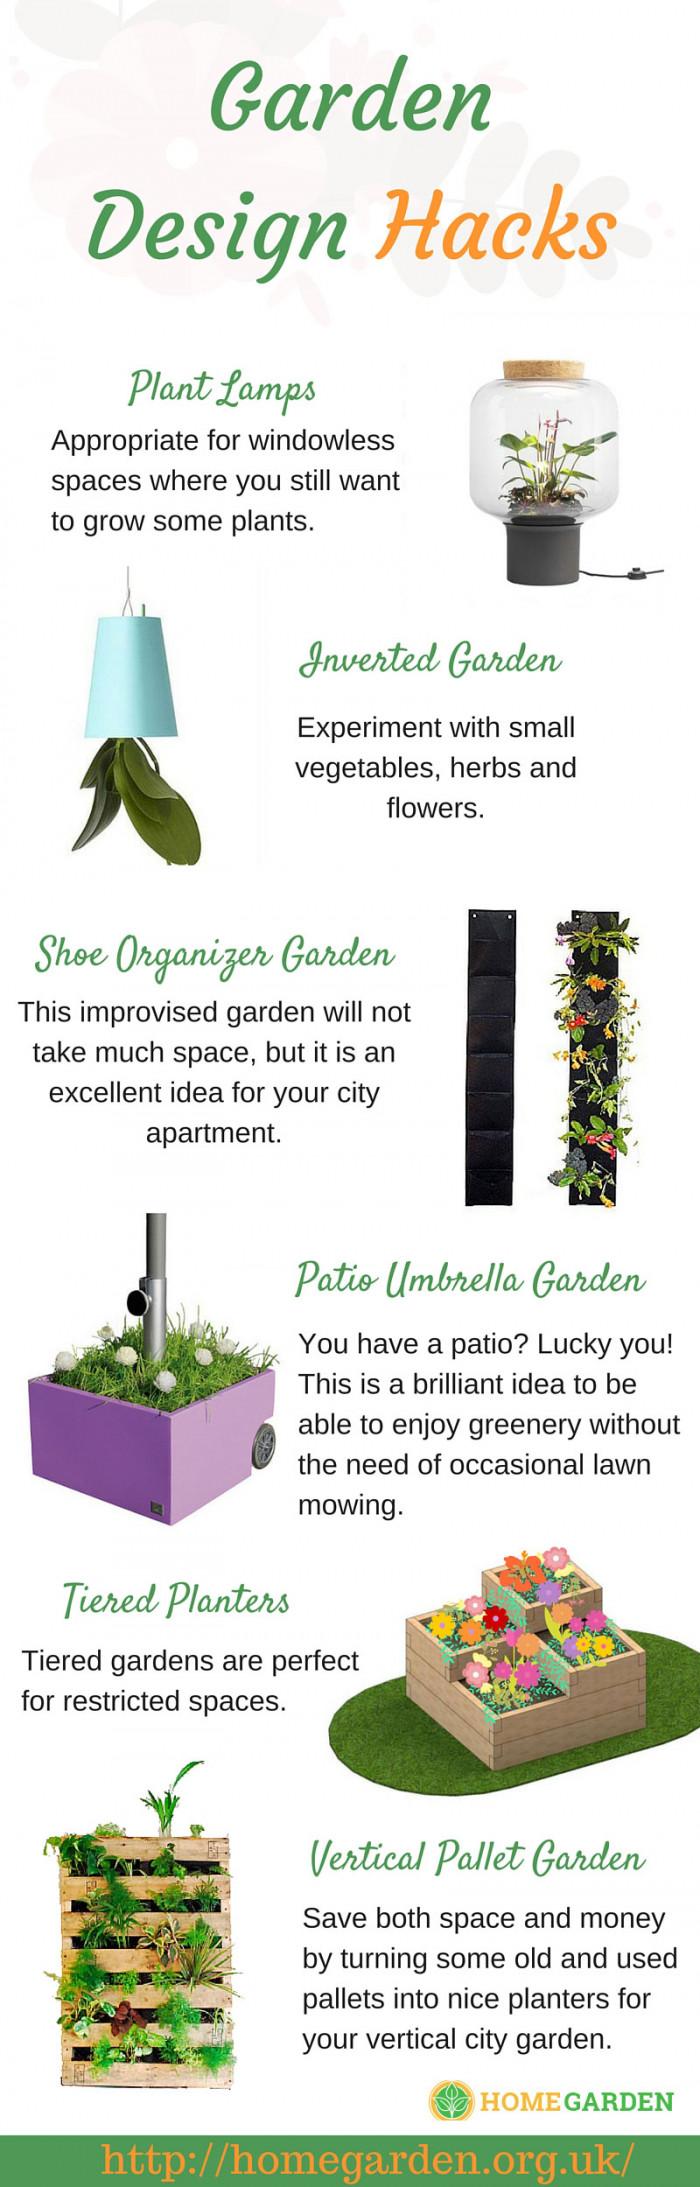 Garden Design Hacks for Small Spaces